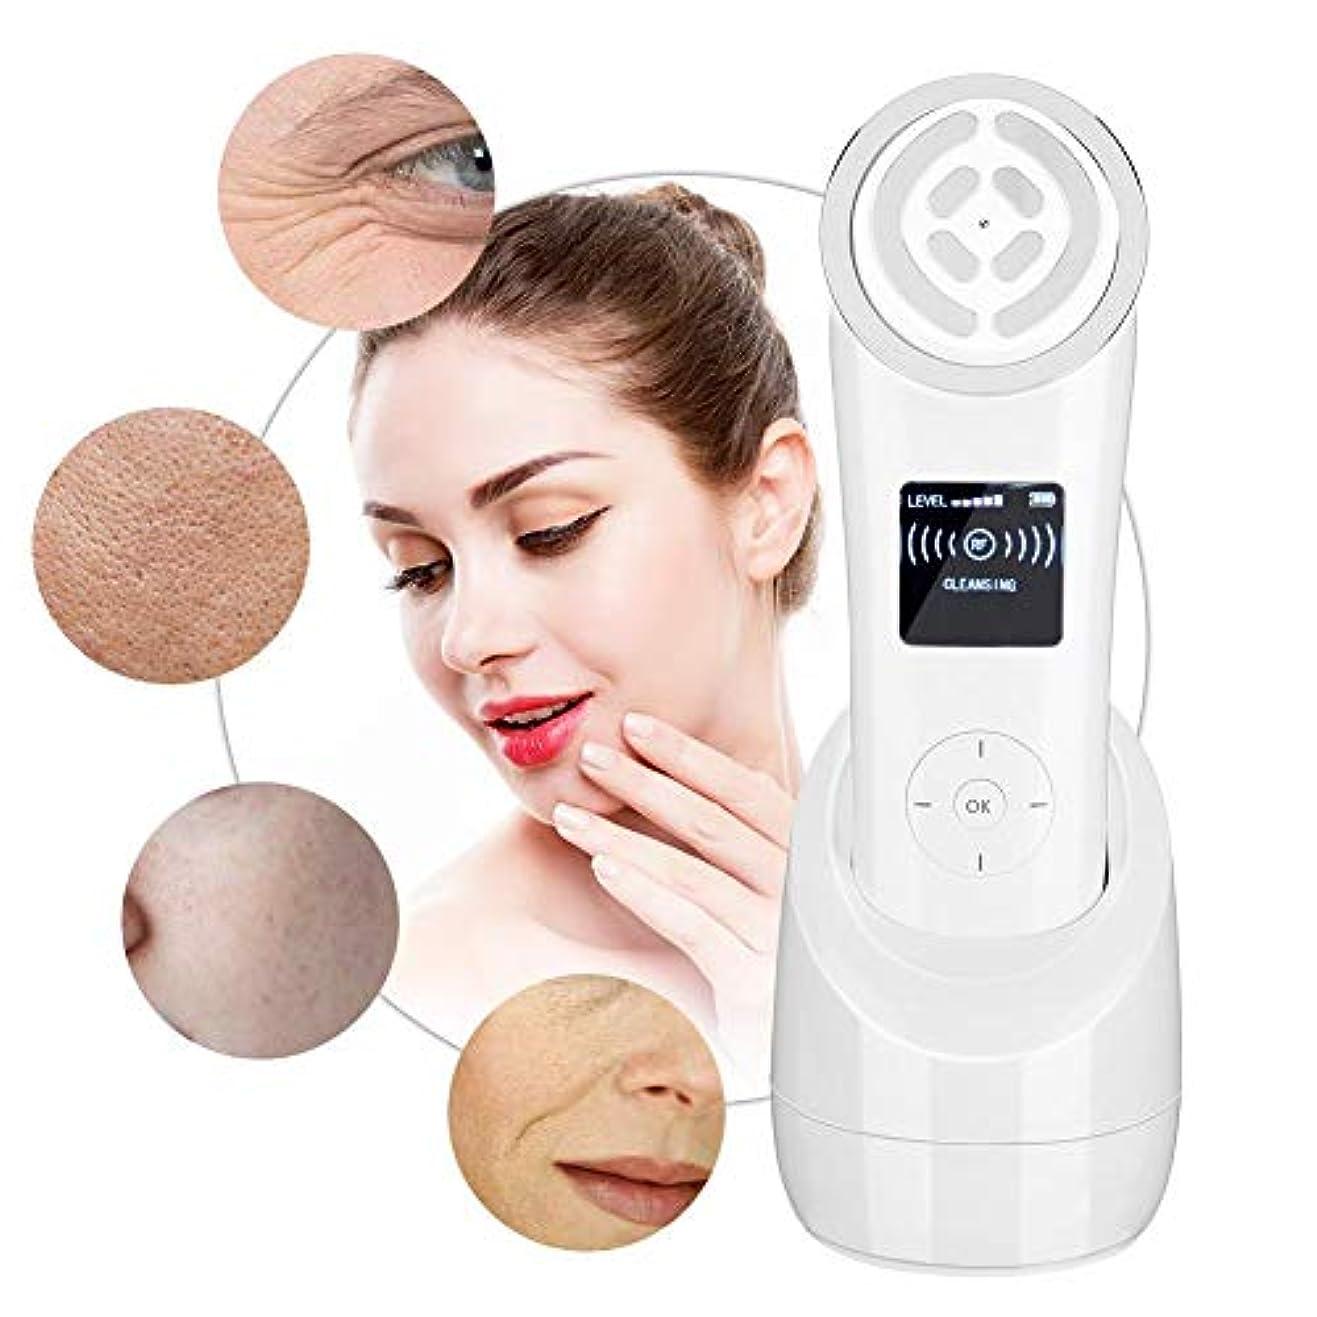 不安定テメリティ警官顔の美しさのマシン - RF周波数アンチエイジングアンチリンクル、肌の若返り楽器 - ポータブル若返り肌がEMS筋肉刺激を強化(UE)